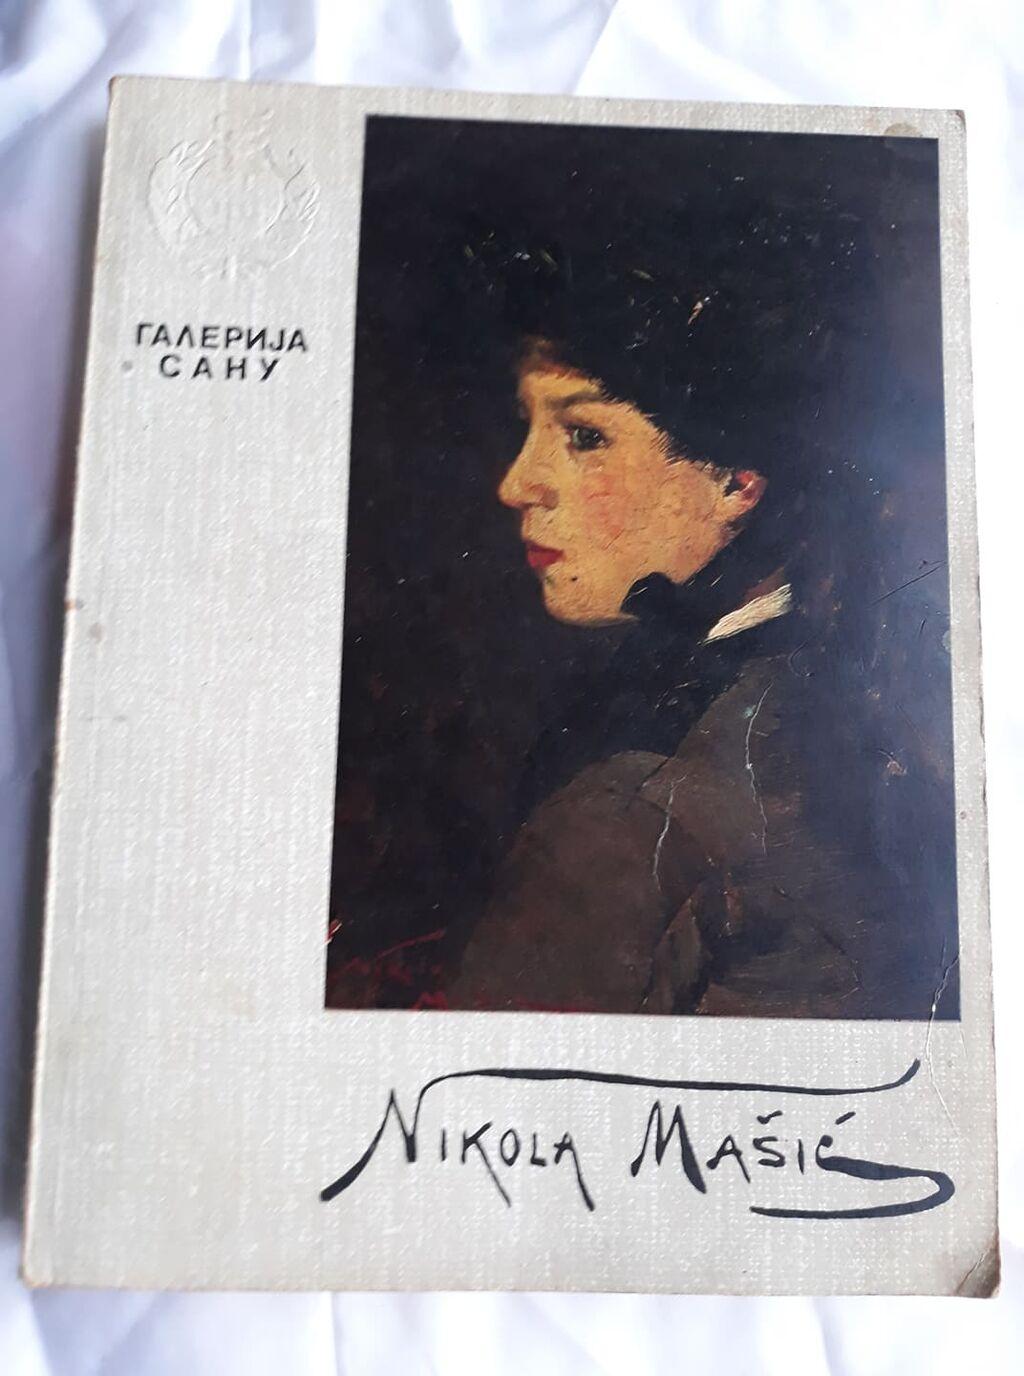 Nikola masic , katalog , 1975